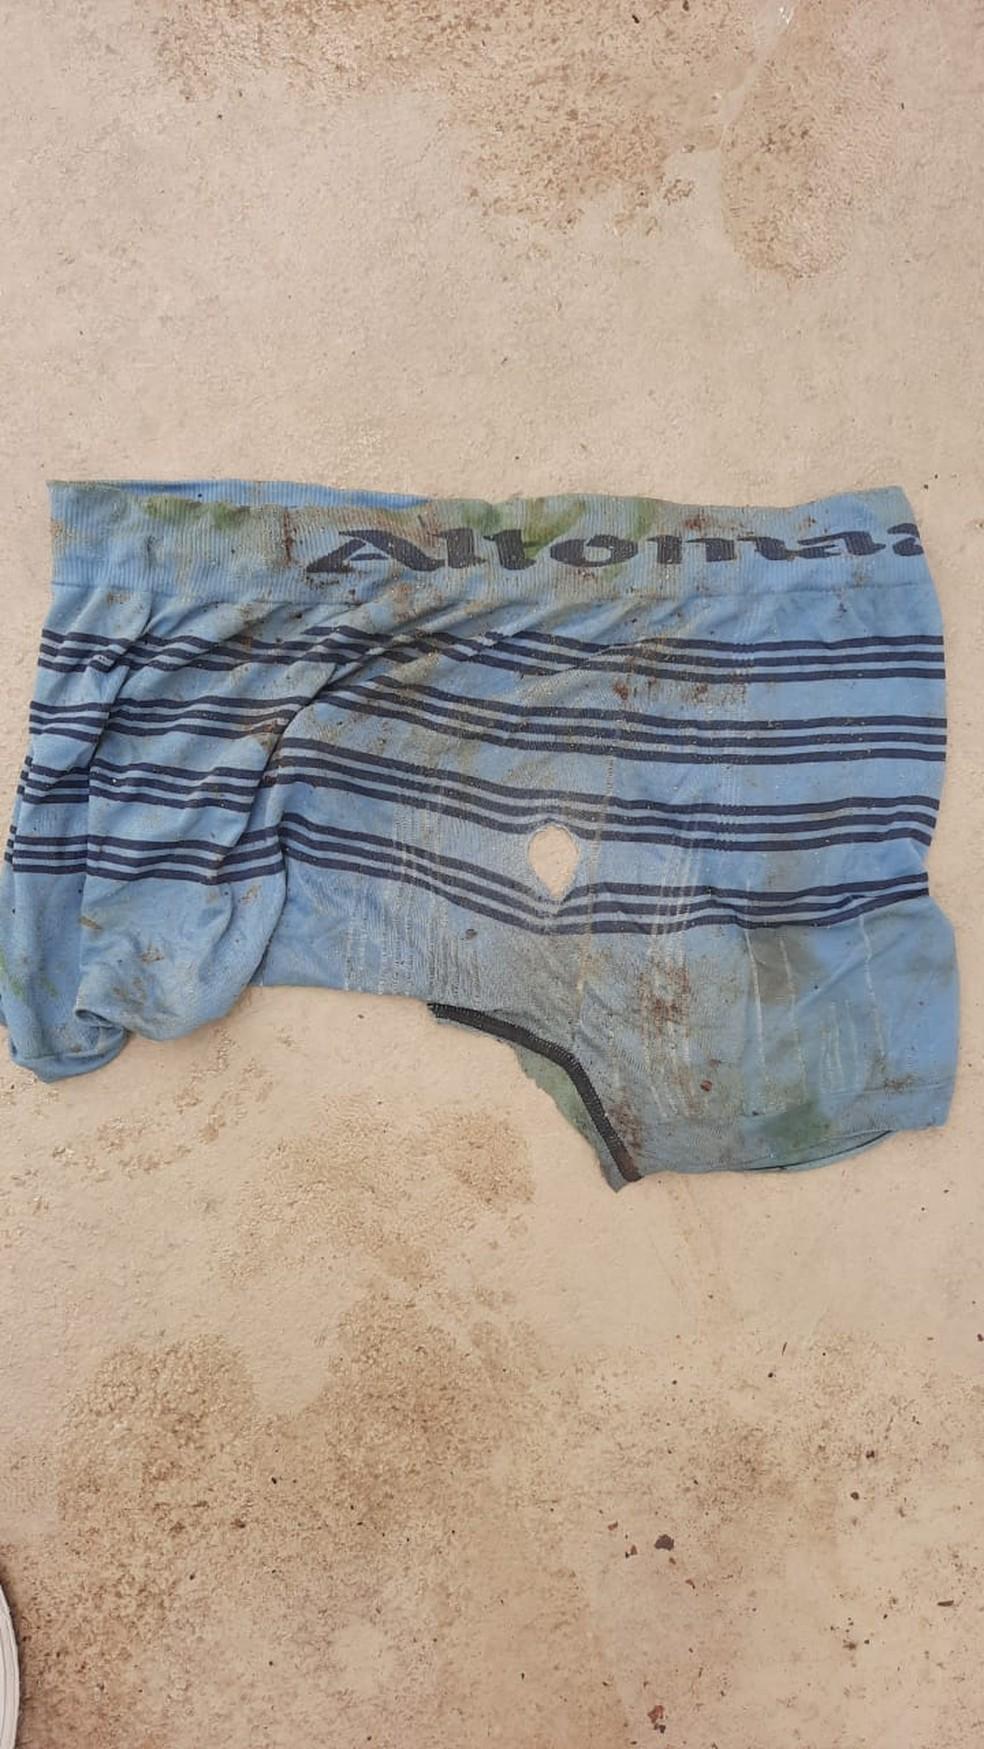 Cueca encontrada com ossada de adolescente em Maribondo, AL — Foto: Polícia Civil de Alagoas